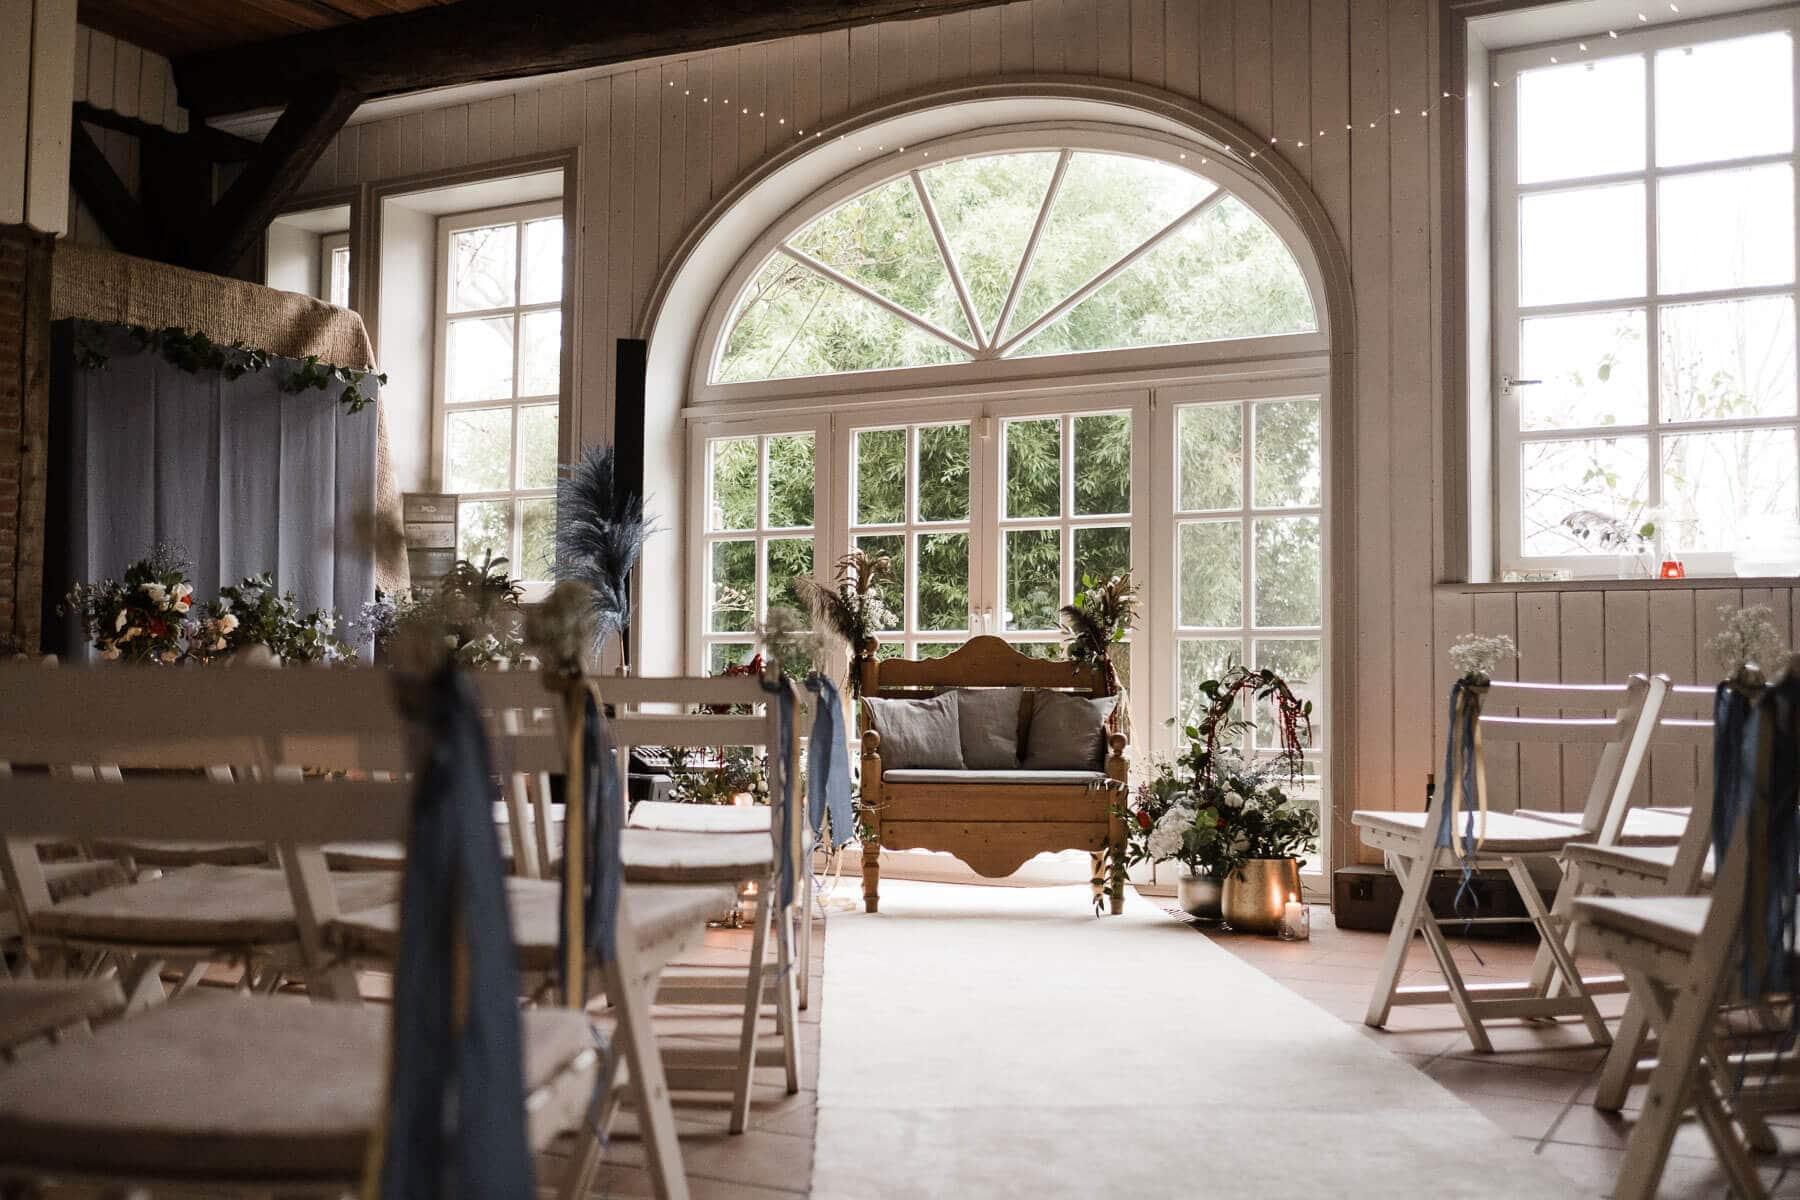 die Trauungslocation in einem Landhaus hat große, helle Sprossenfenster und eine große, runde Tür, vor dieser Tür steht eine gepolsterte Holzbank, sie ist geschmückt mit Blumen, vor der Bank stehen in Reihen gestellte, weiße Klappstühle, welche auch mit Blumen geschmückt sind